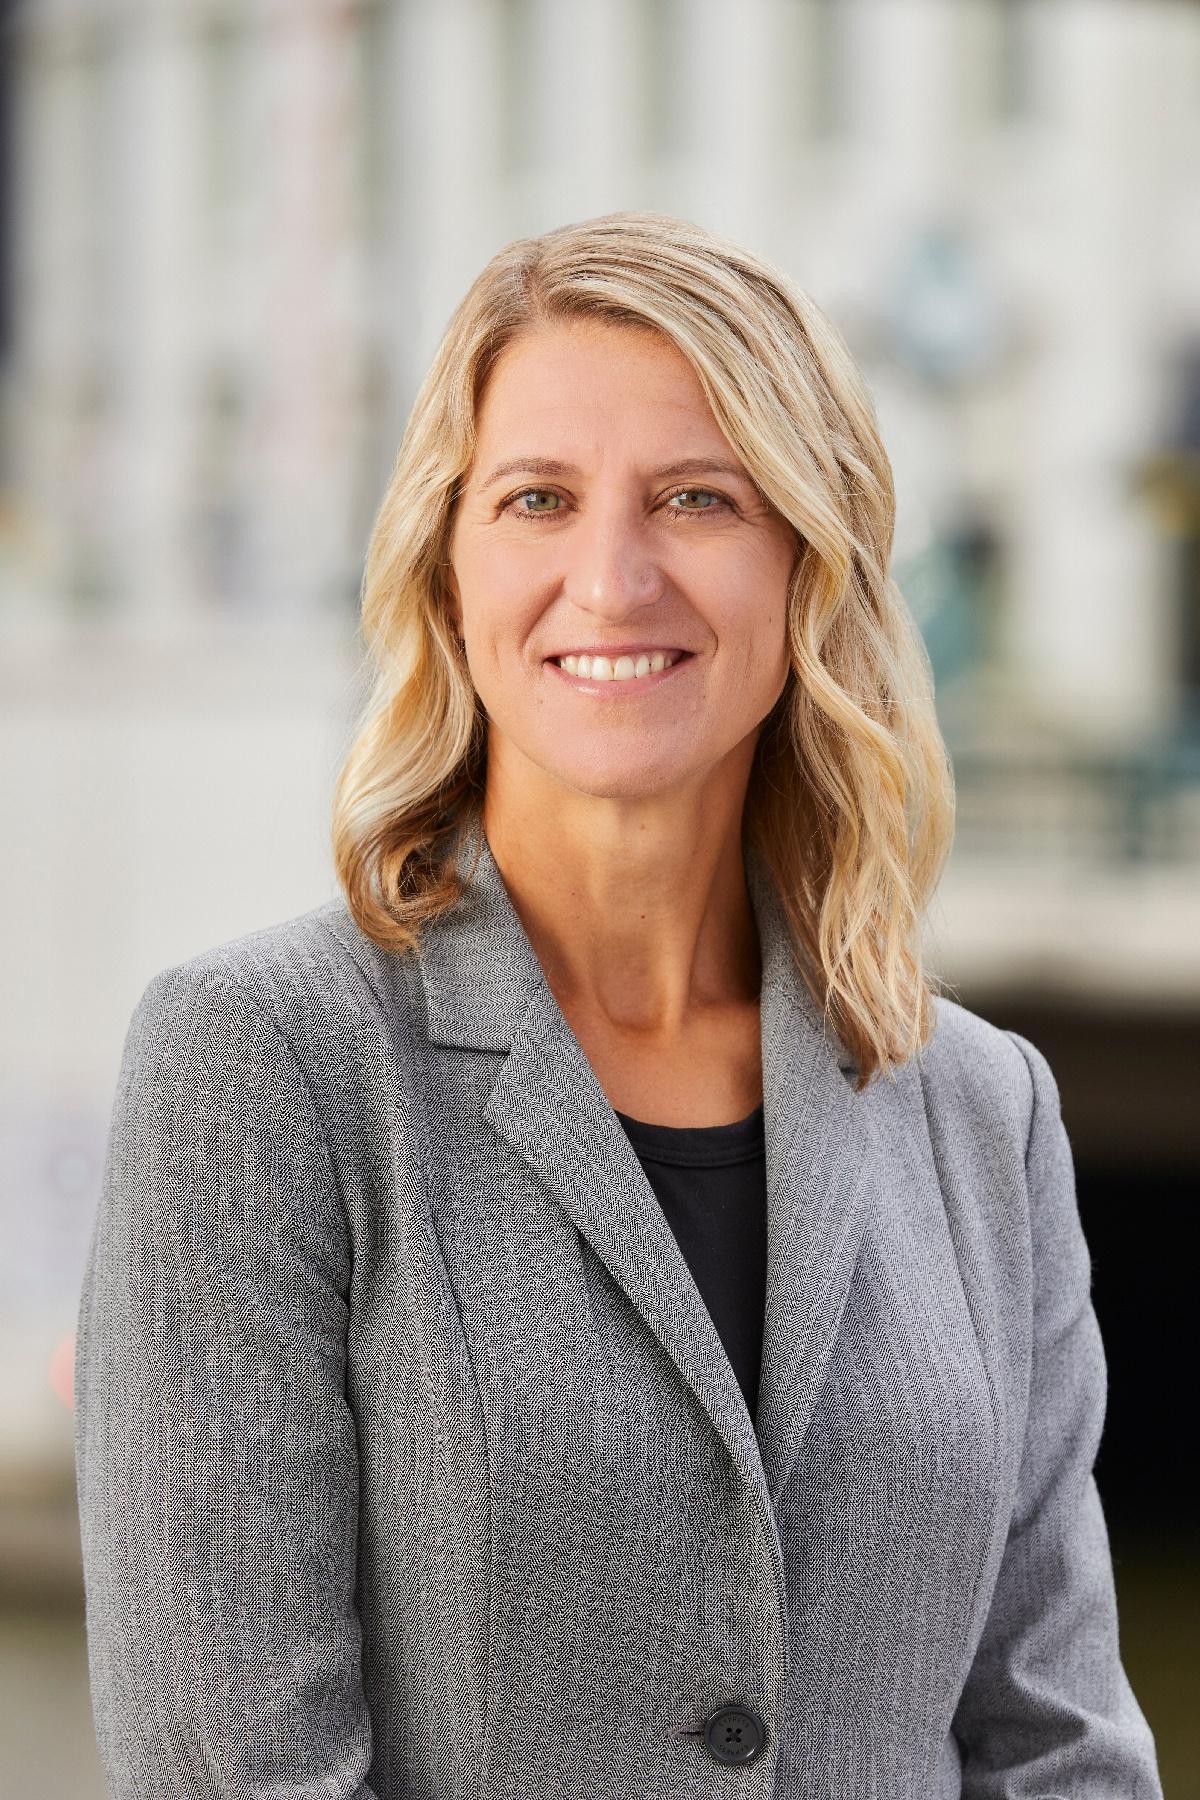 Kristin L. Stanek